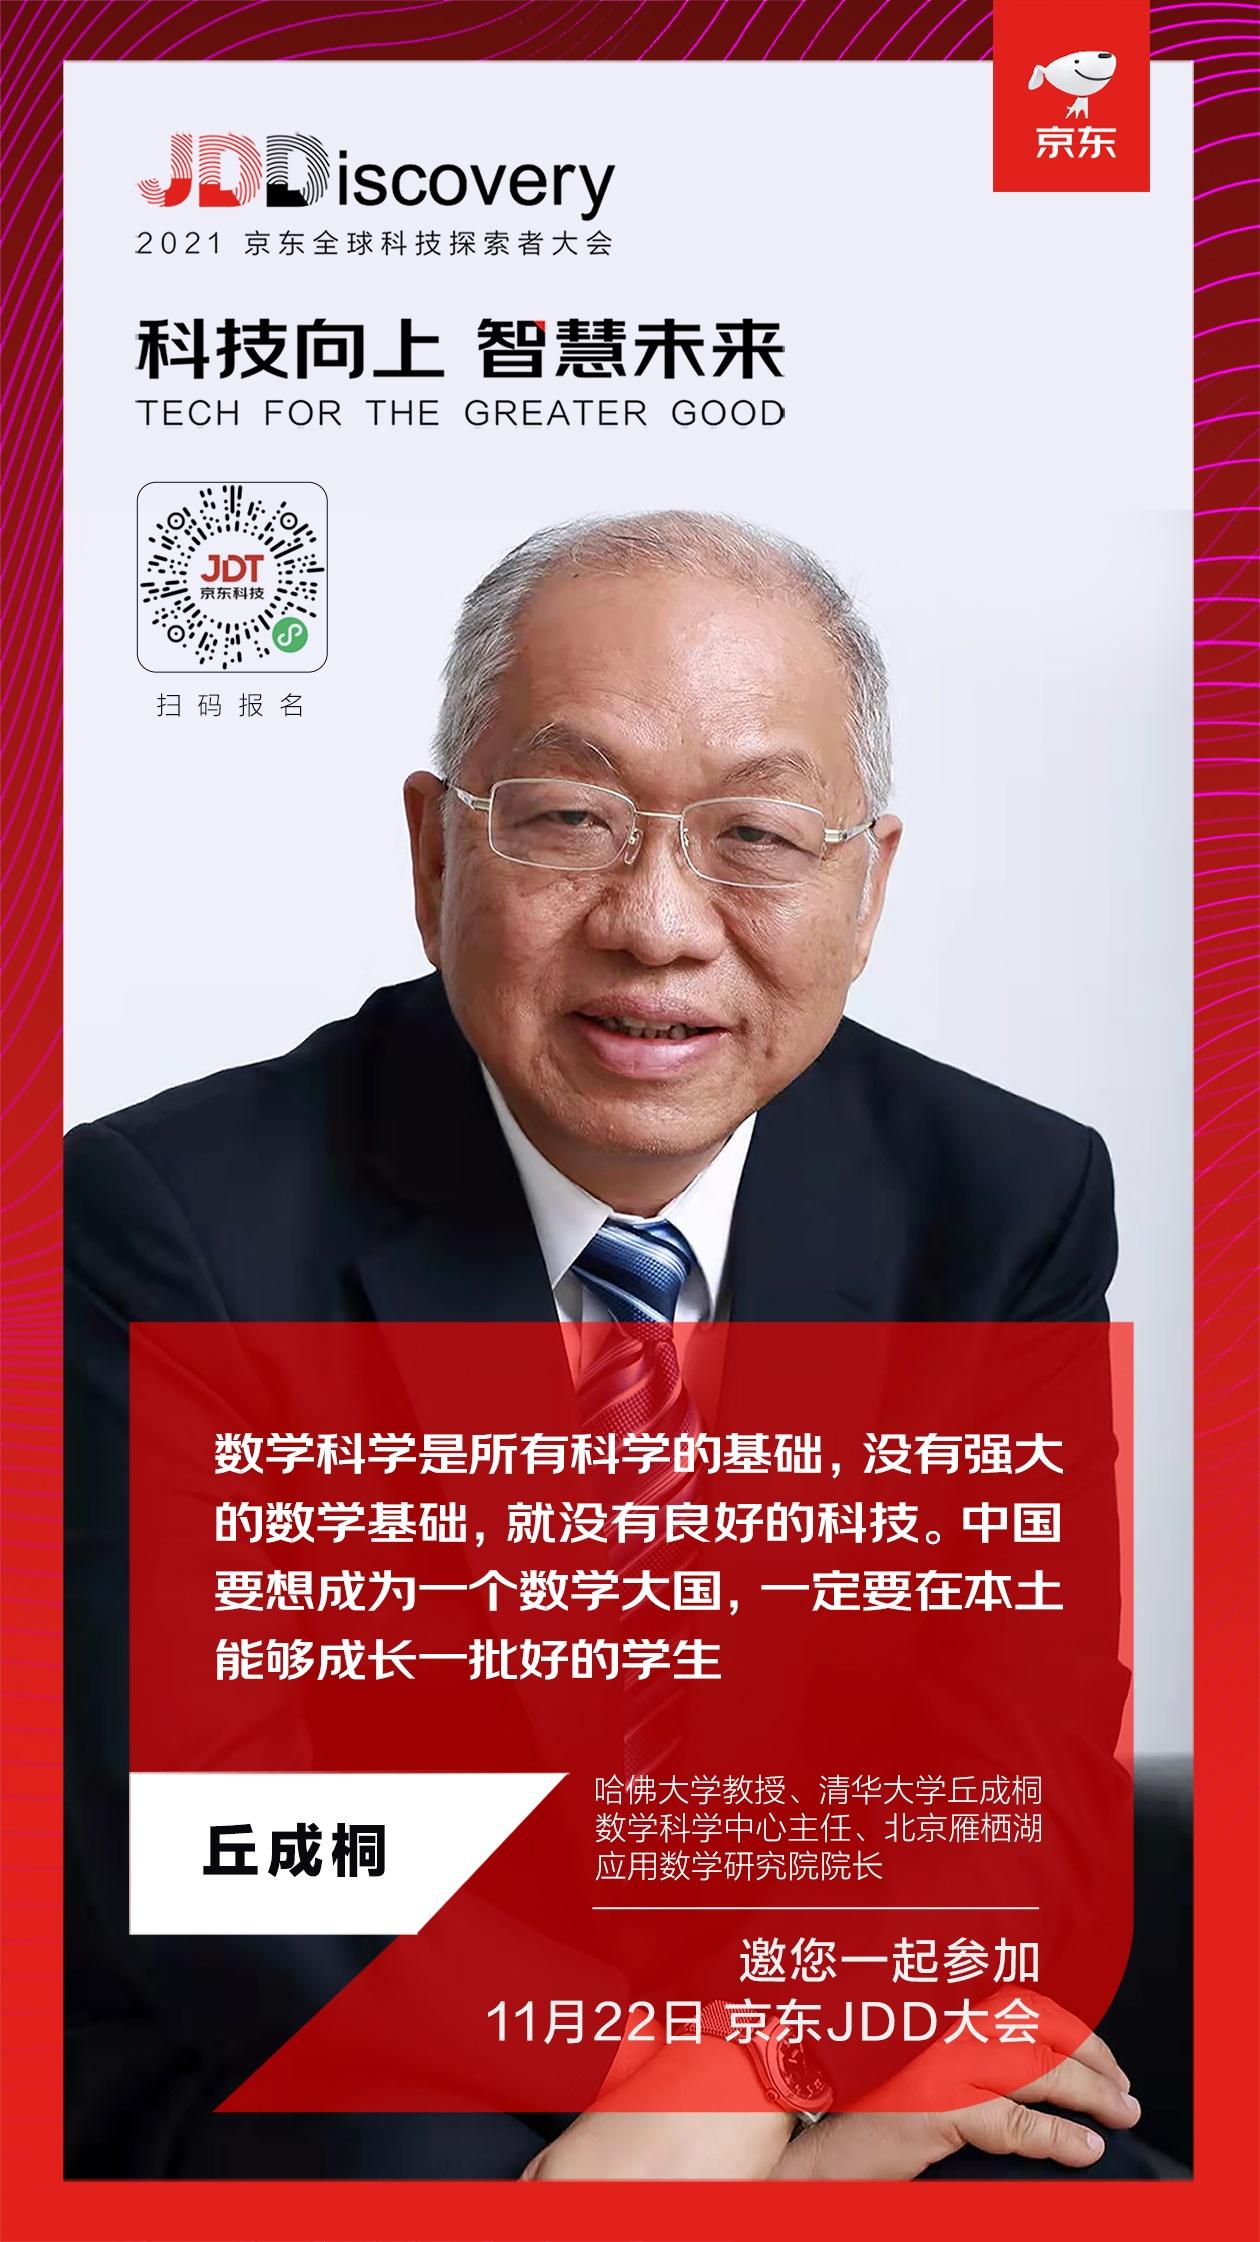 """""""数学界的诺贝尔""""首位华人得主将出席京东2021 JDD大会"""